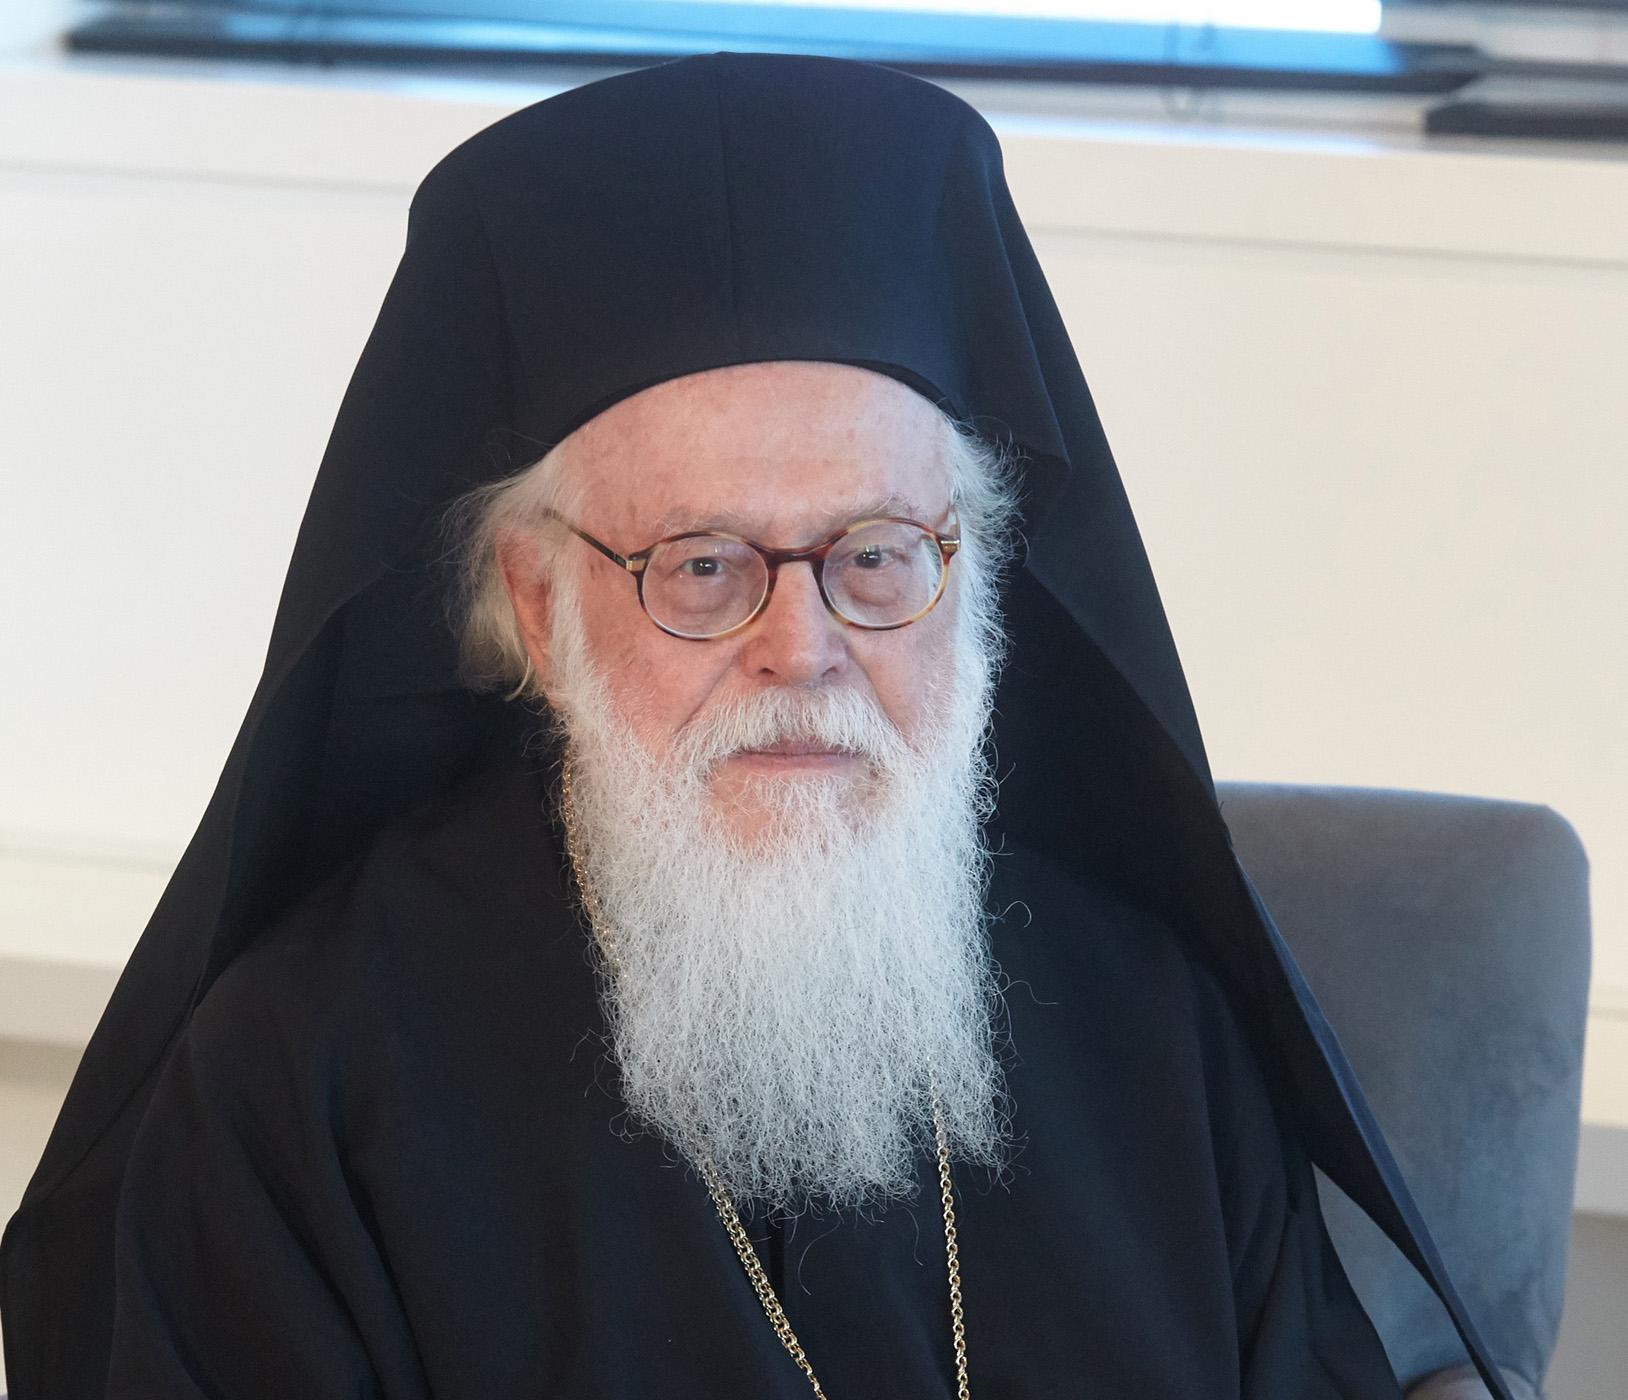 Με πυρετό και πάλι ο Αρχιεπίσκοπος Αναστάσιος